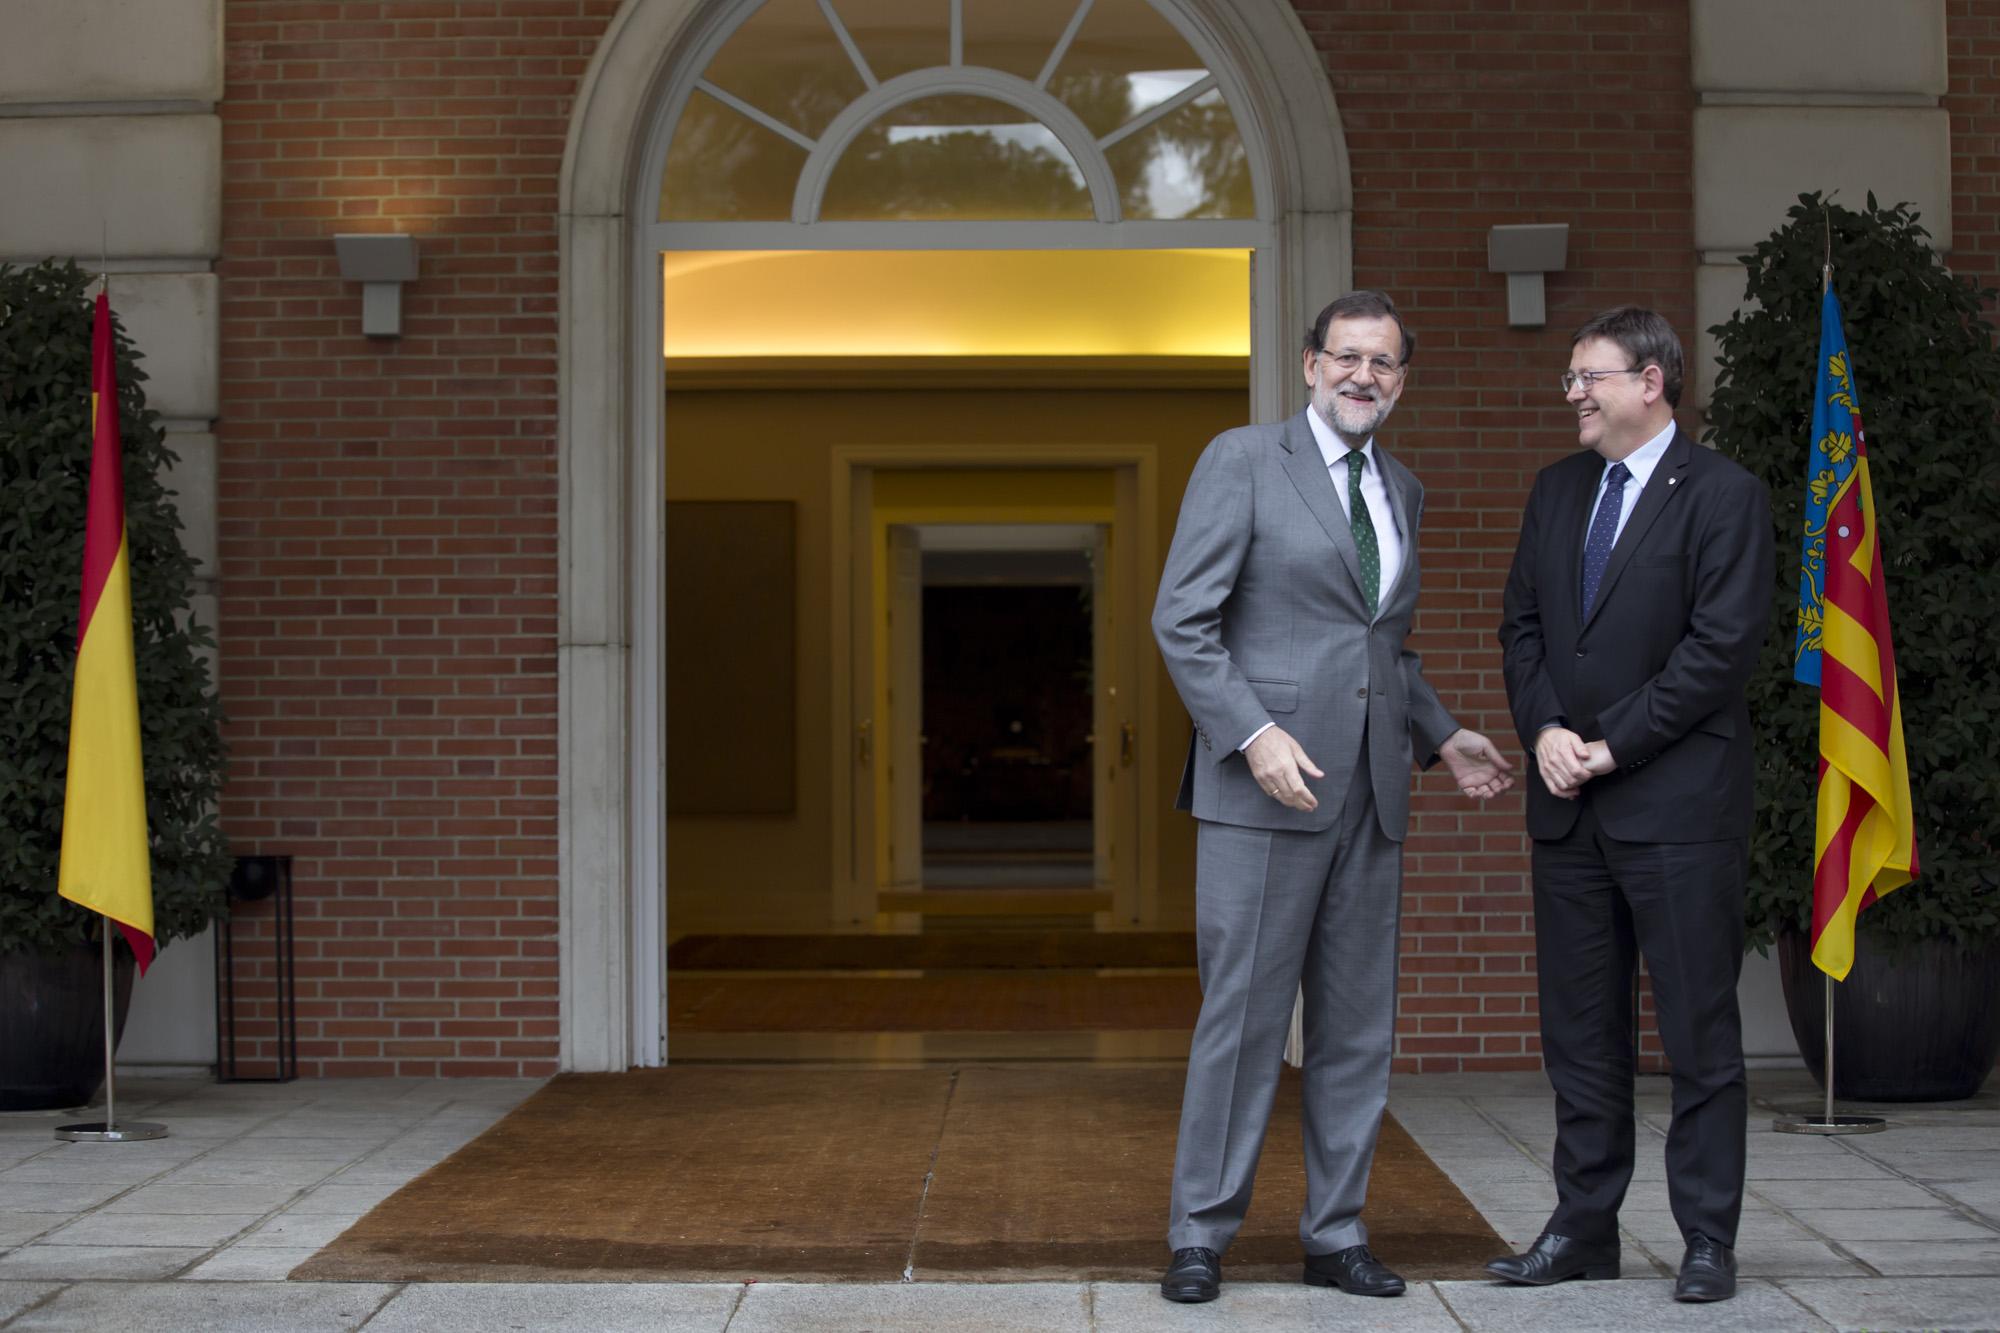 02/11/2015 Madrid, España El Presidente del Gobierno, Mariano Rajoy, recibe al presidente de la Comunidad Valenciana Ximo Puig. Fotografía: Diego Crespo / Moncloa Presidencia del Gobierno